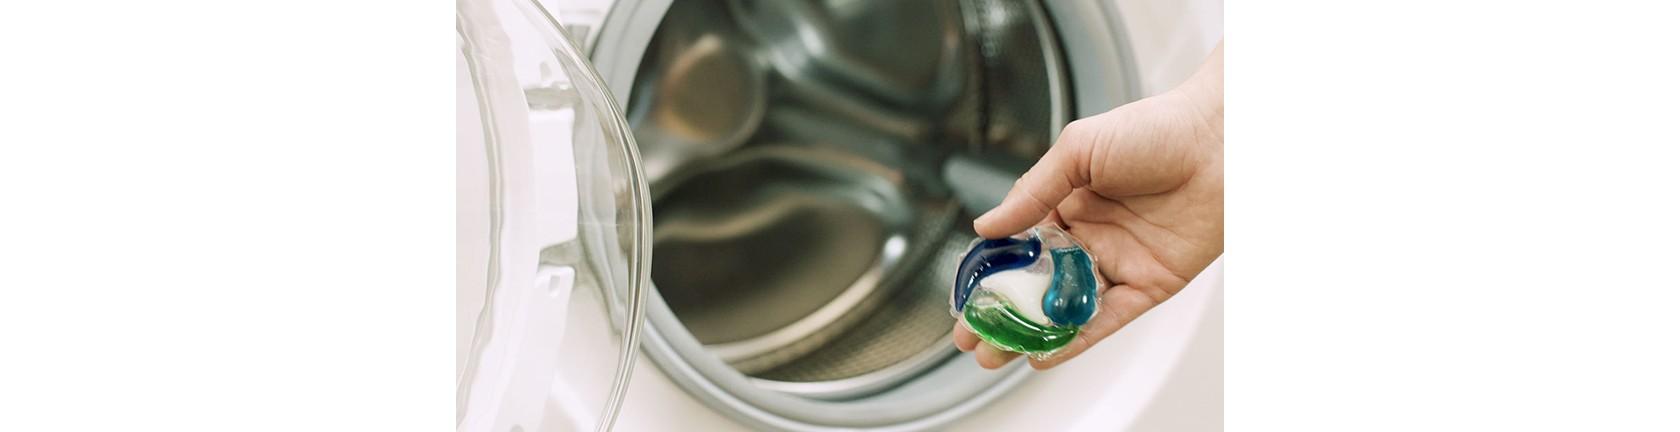 Ansicht einer Hand, die einen Persil 4in1 Disc hält, im Hintergrund eine Waschtrommel.